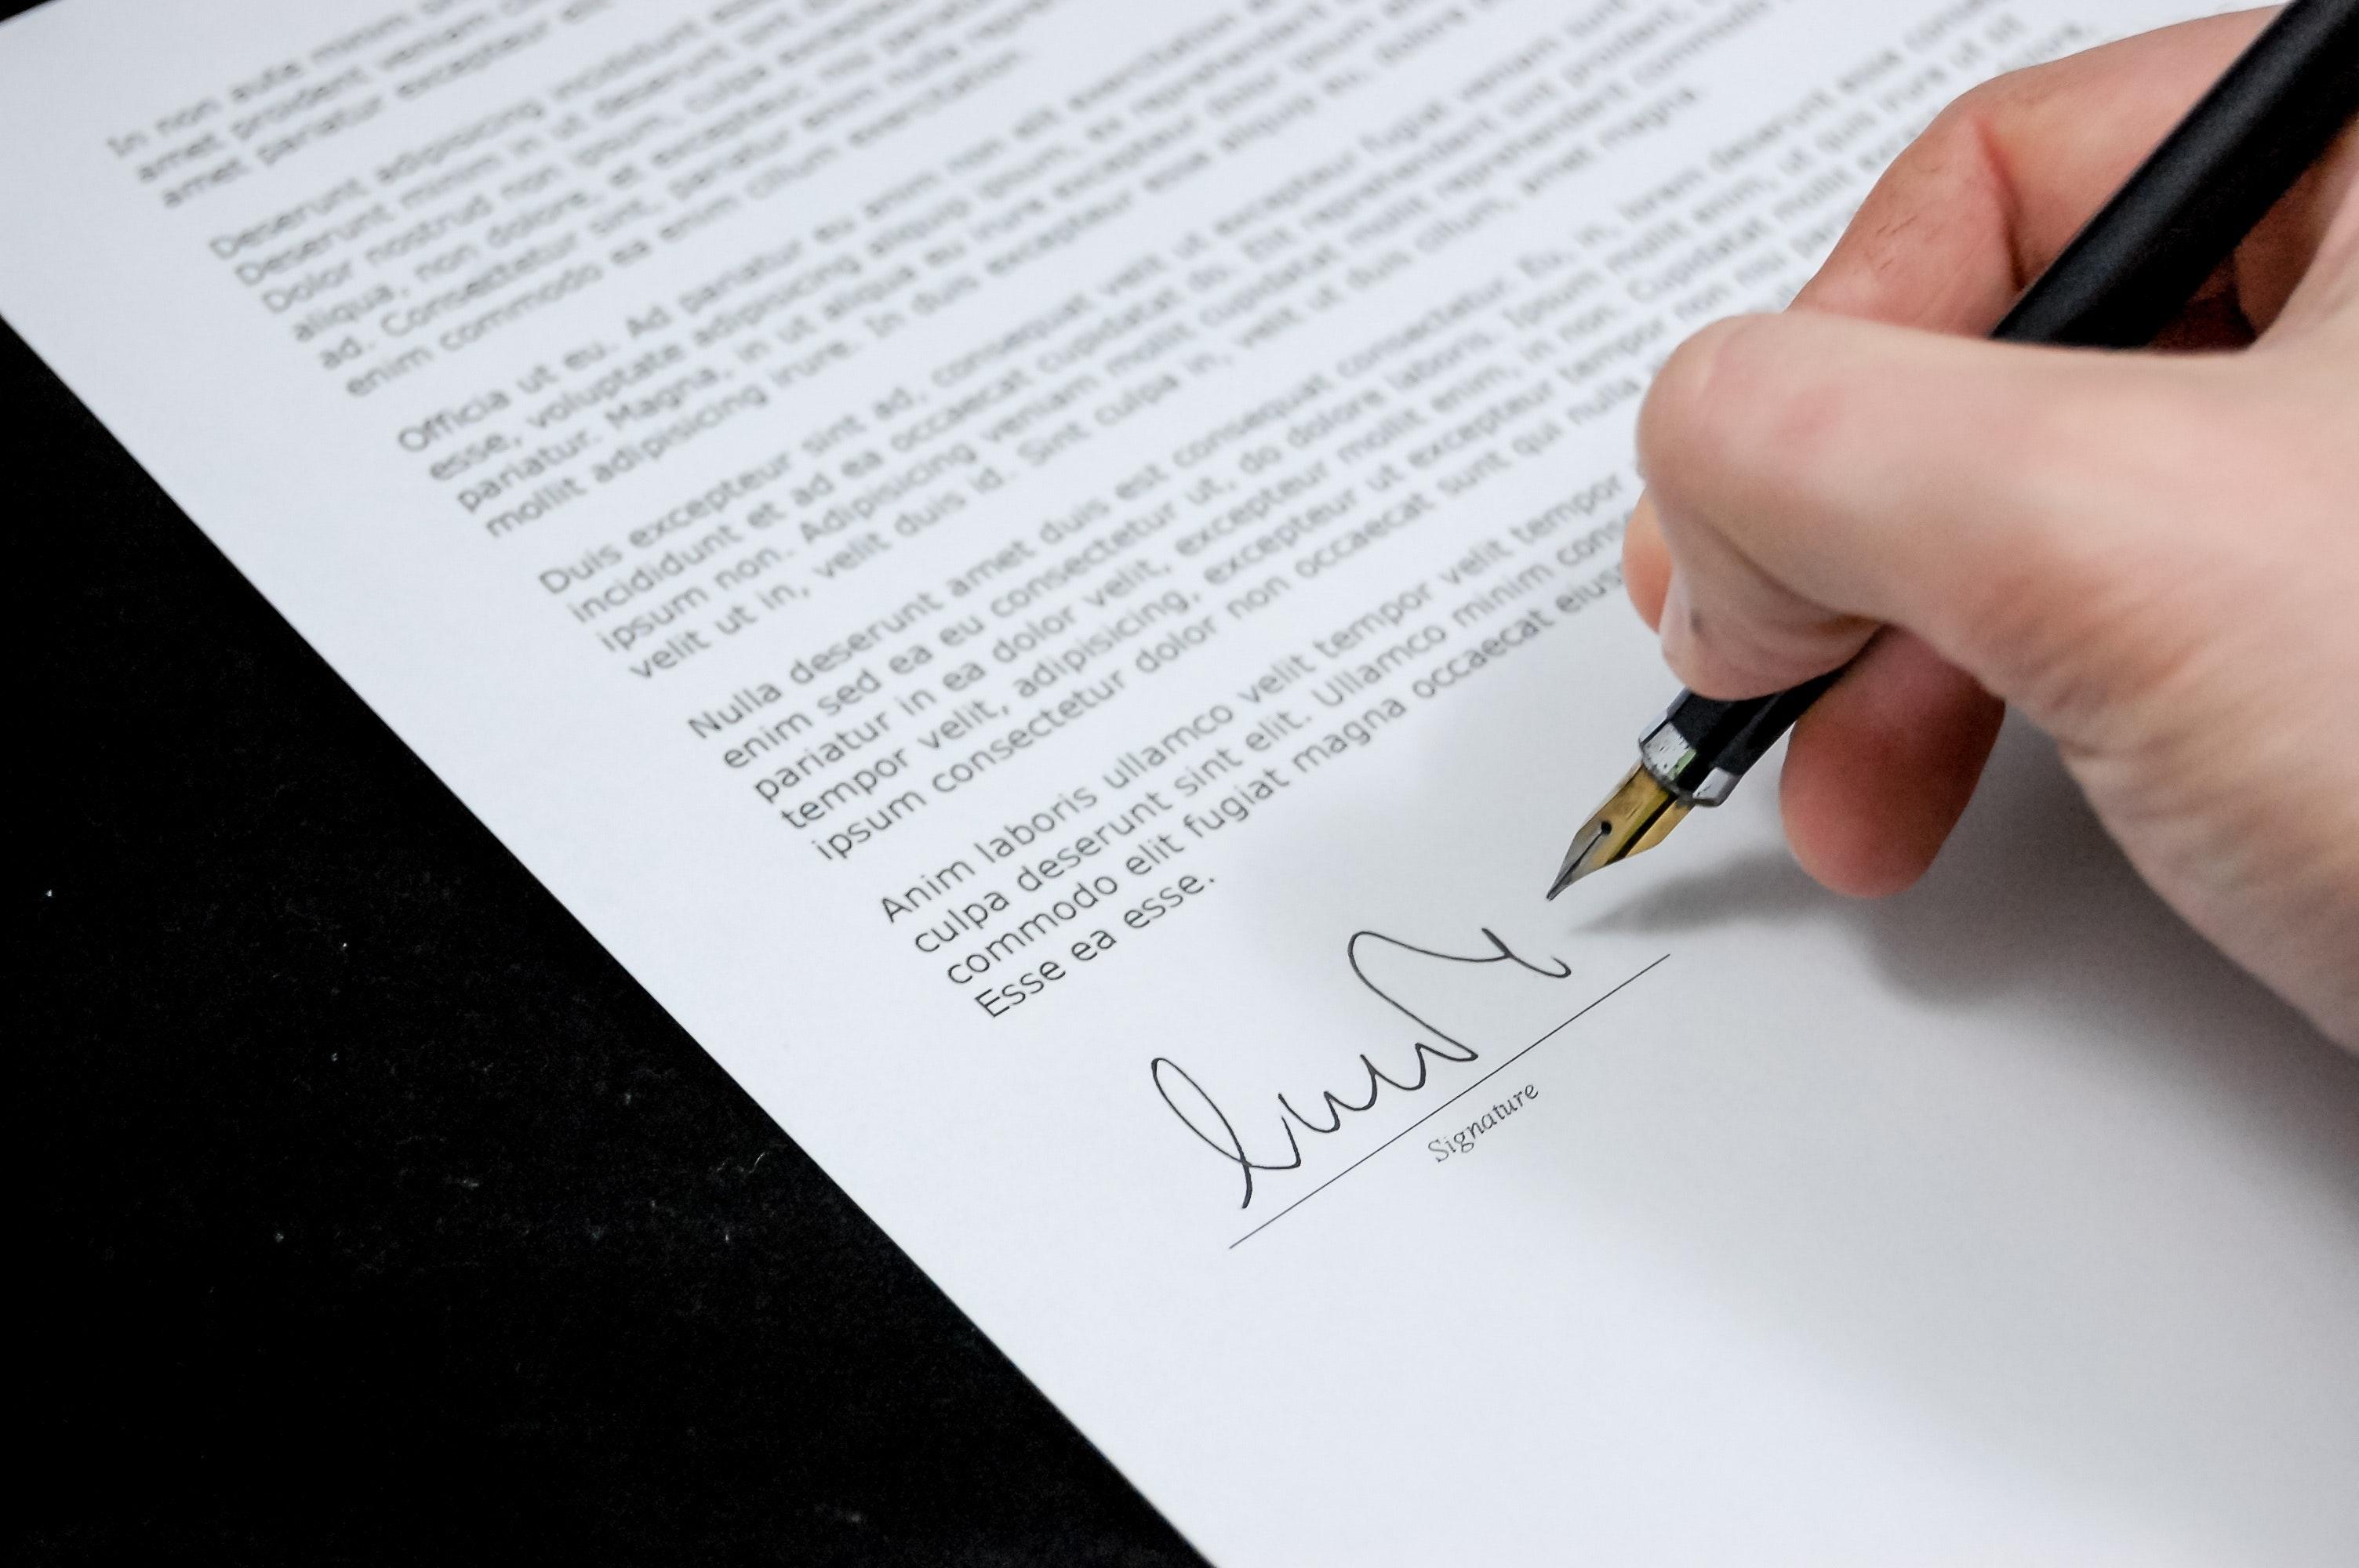 Unterlagen werden unterschrieben